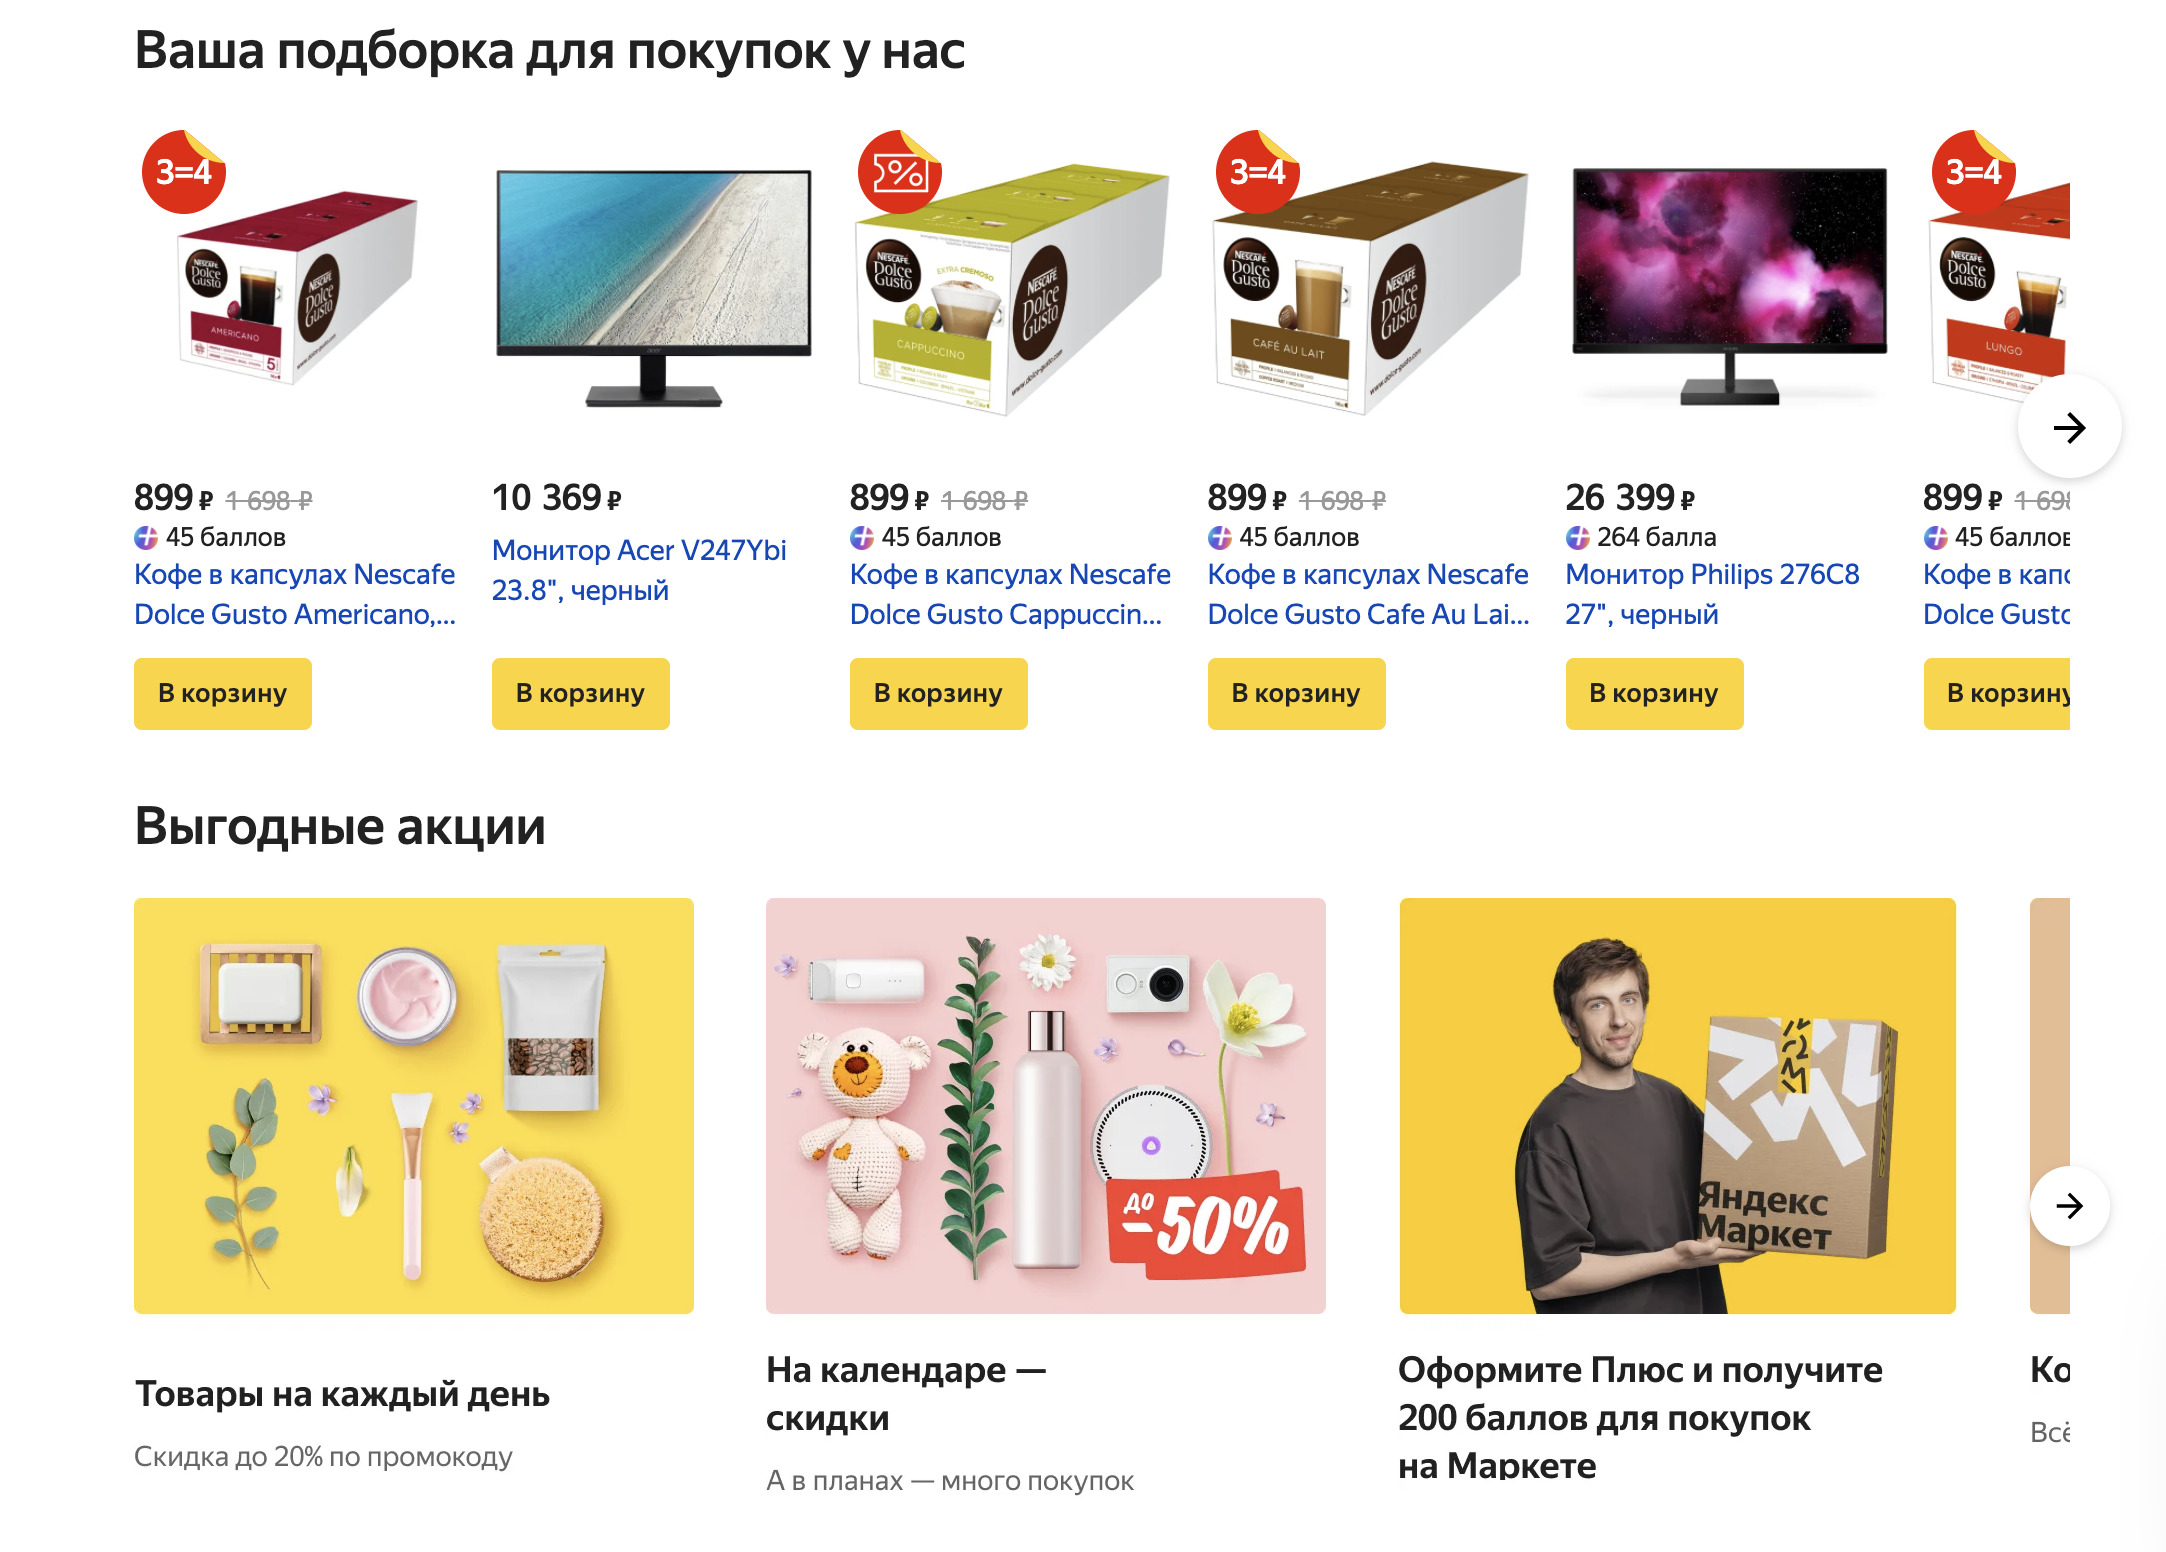 Доставка из Яндекс.Маркет в Михайловка, сроки, пункты выдачи, каталог